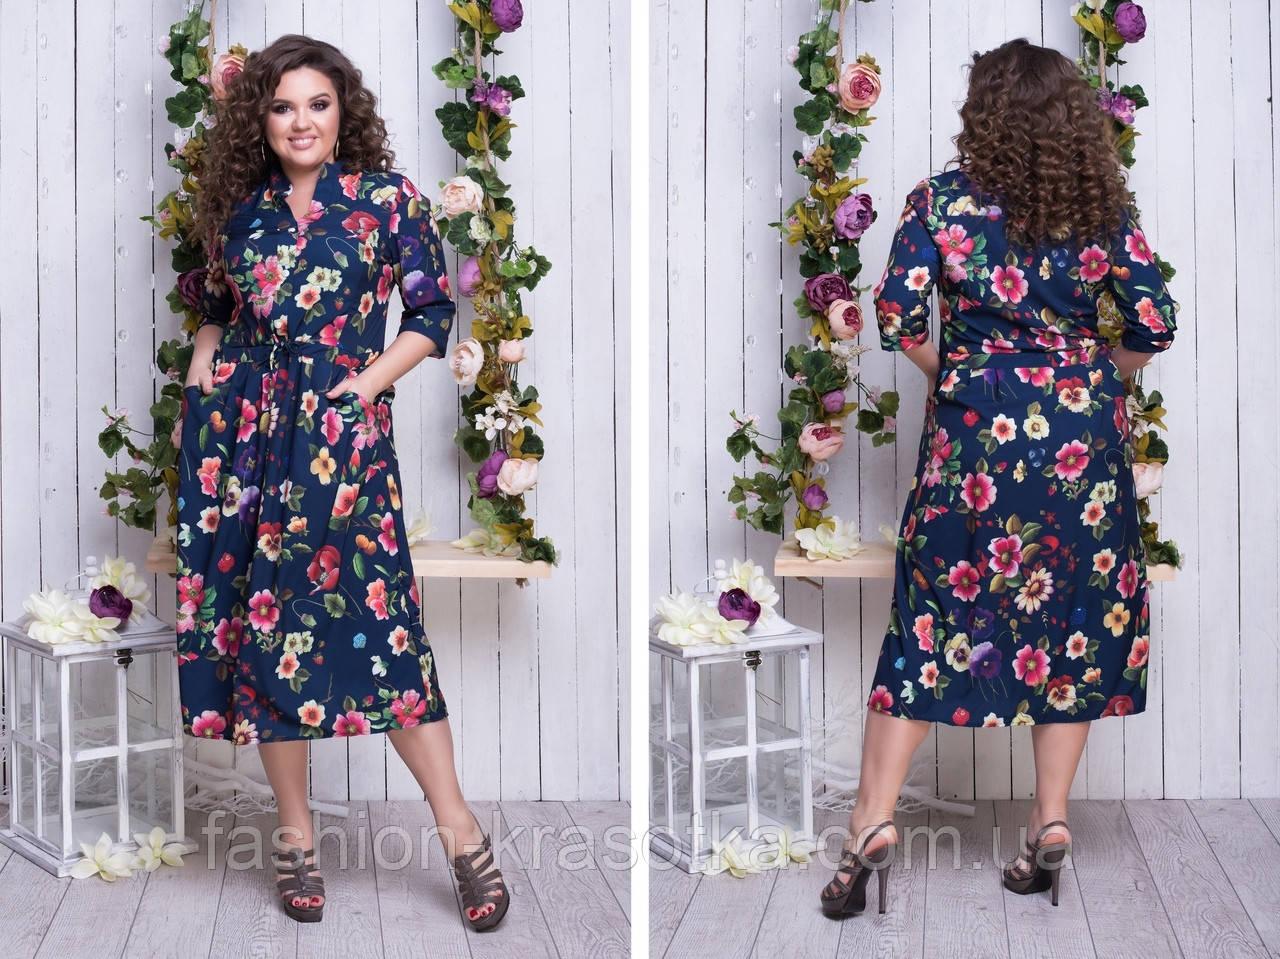 Легкое женское платье,ткань супер софт,размеры:50,52,54,56,58.